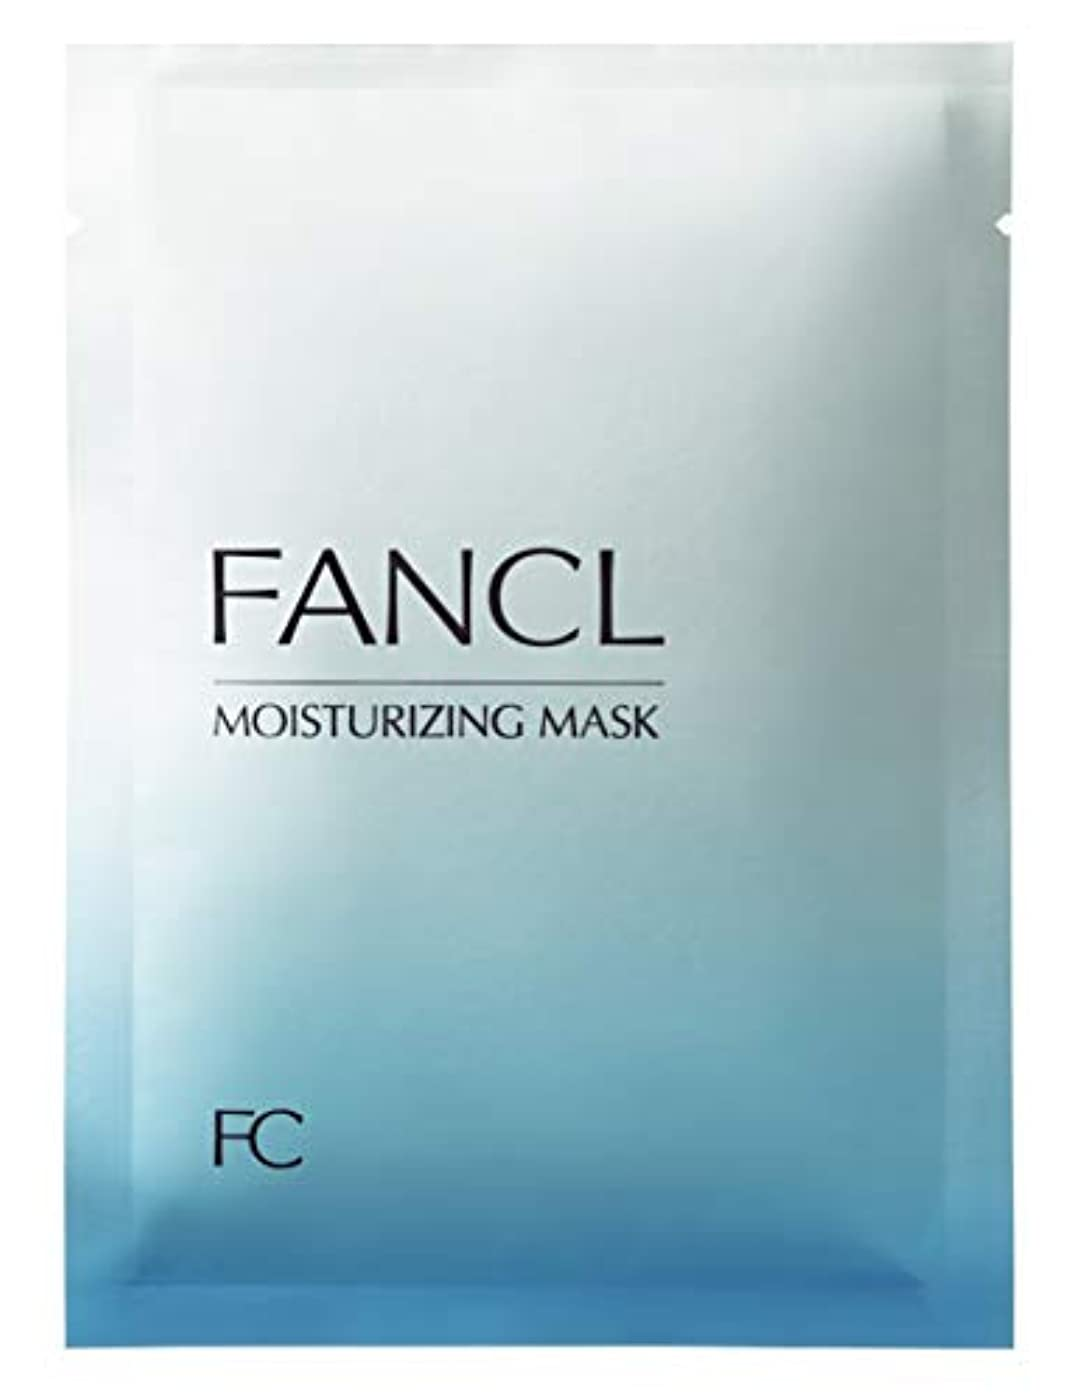 スリンクお茶見るファンケル (FANCL) モイスチャライジング マスク 6枚セット (18mL×6)